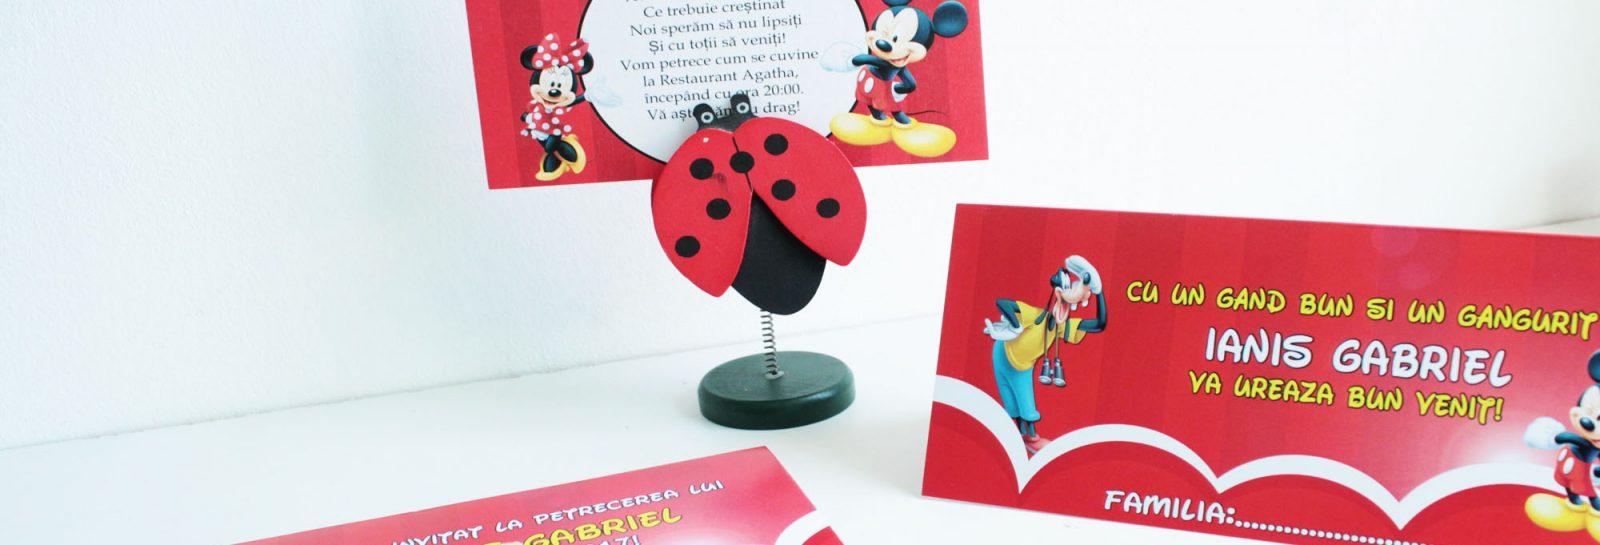 Plicuri de bani si invitatii pentru botez cu Mickey Mouse